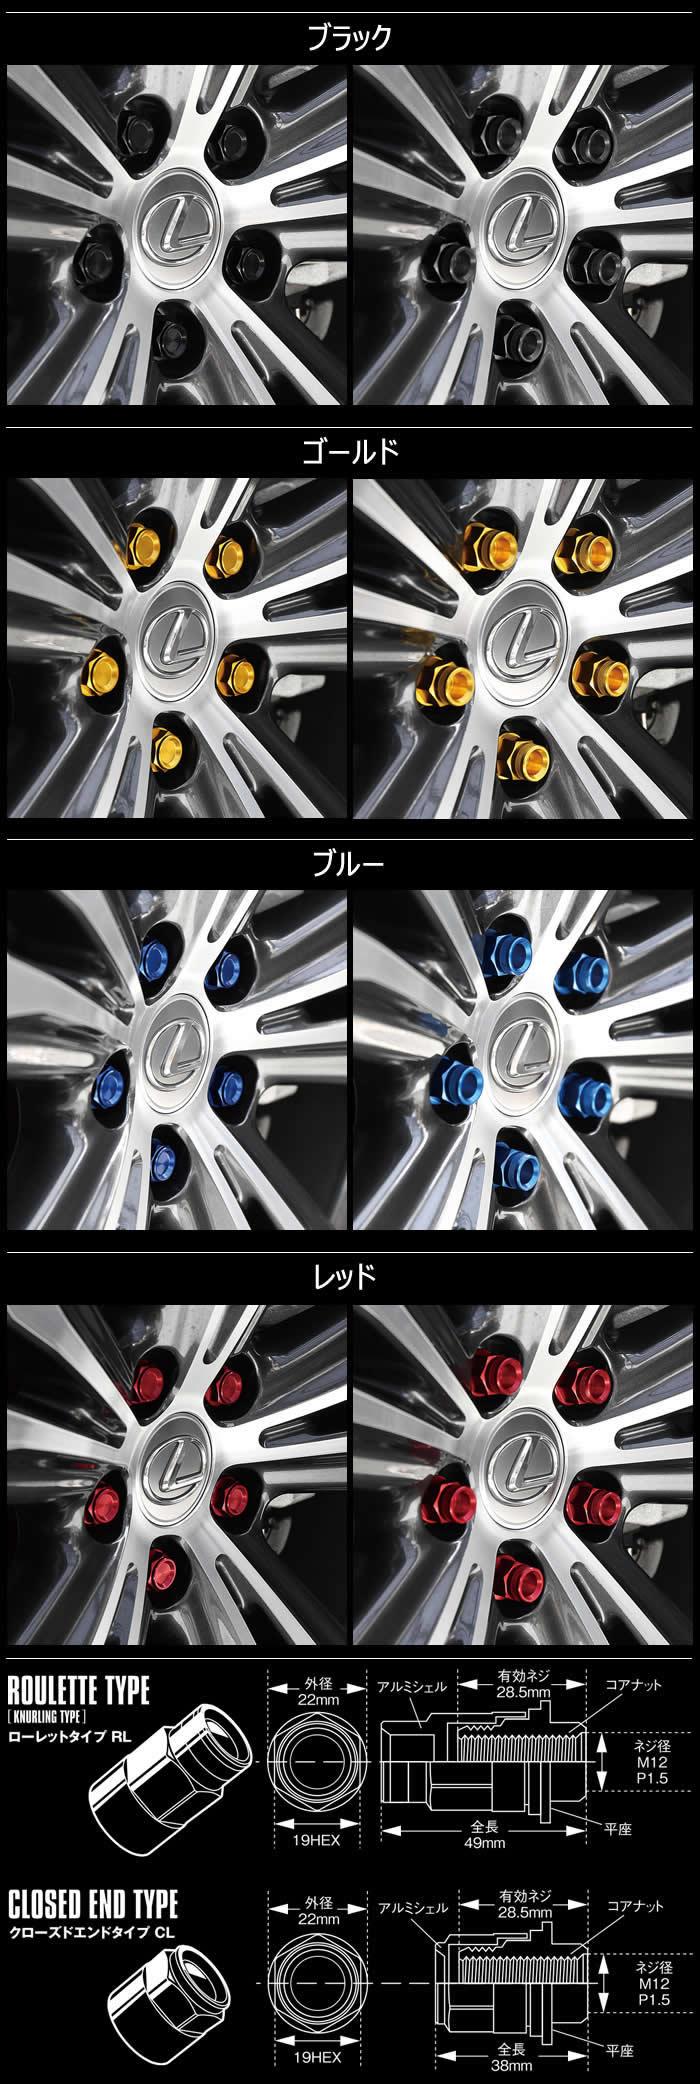 レクサス UX 純正ホイール専用 カラードホイールナット(盗難防止ナット付き)